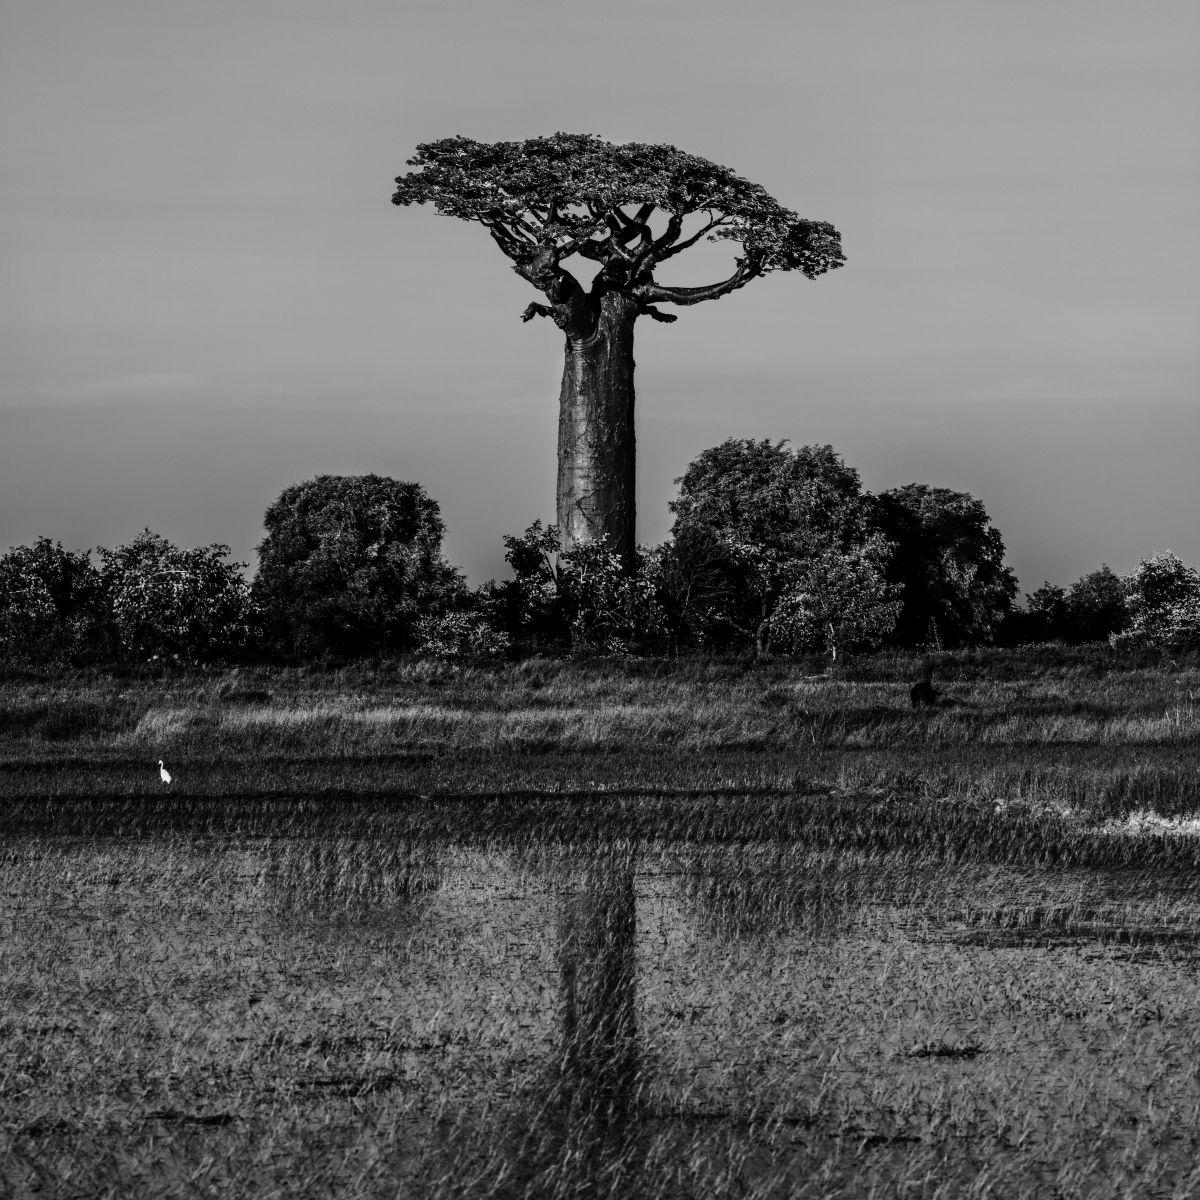 Ein Baobab Baum in der Natur in schwarzweiß